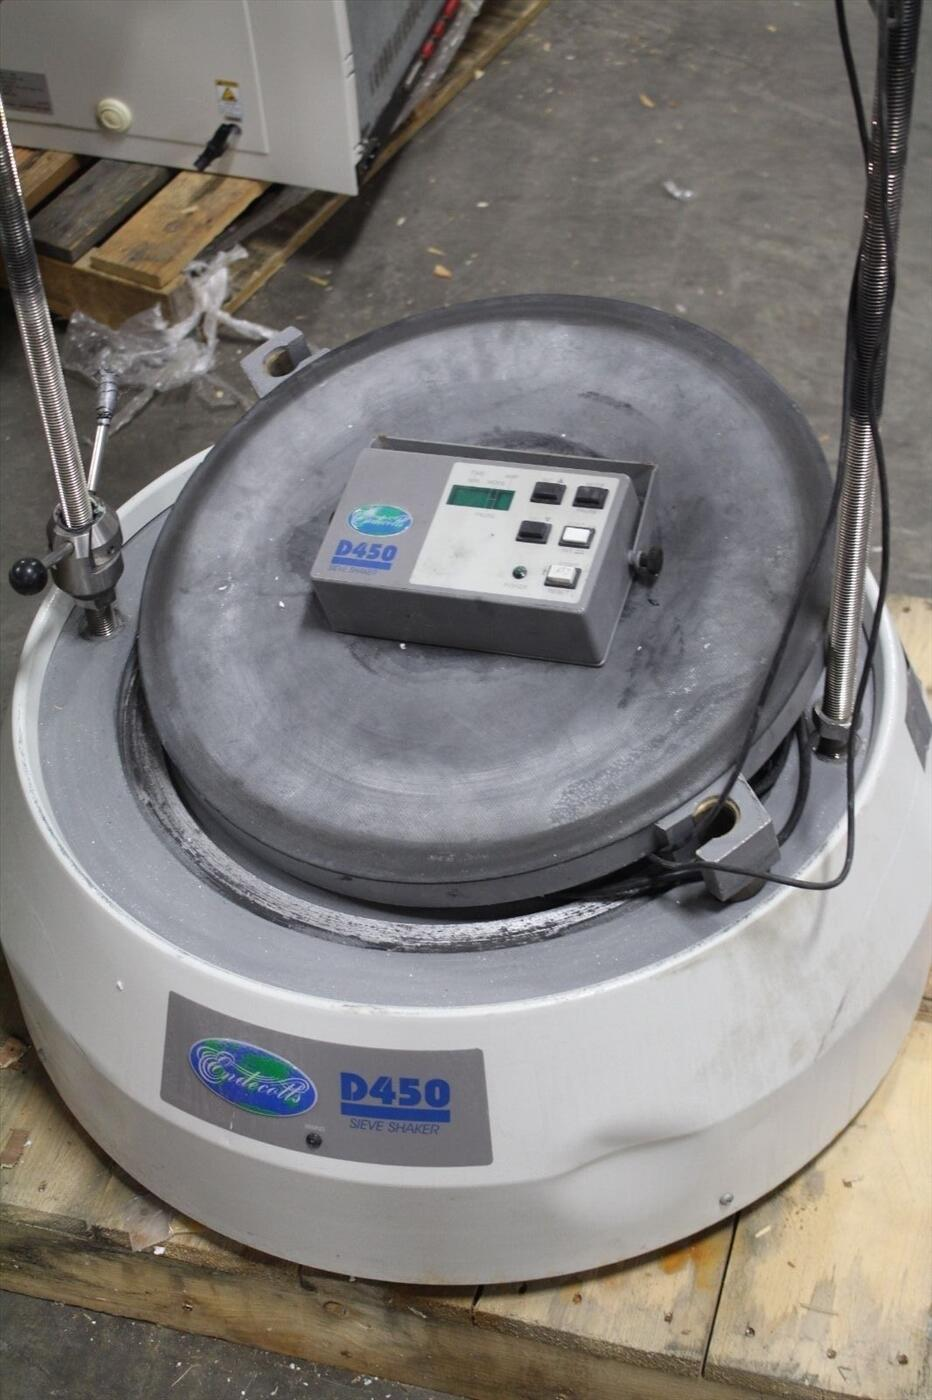 Sửa chữa máy sàng lắc rây, lắc ướt, lắc đập, khí (air jet)